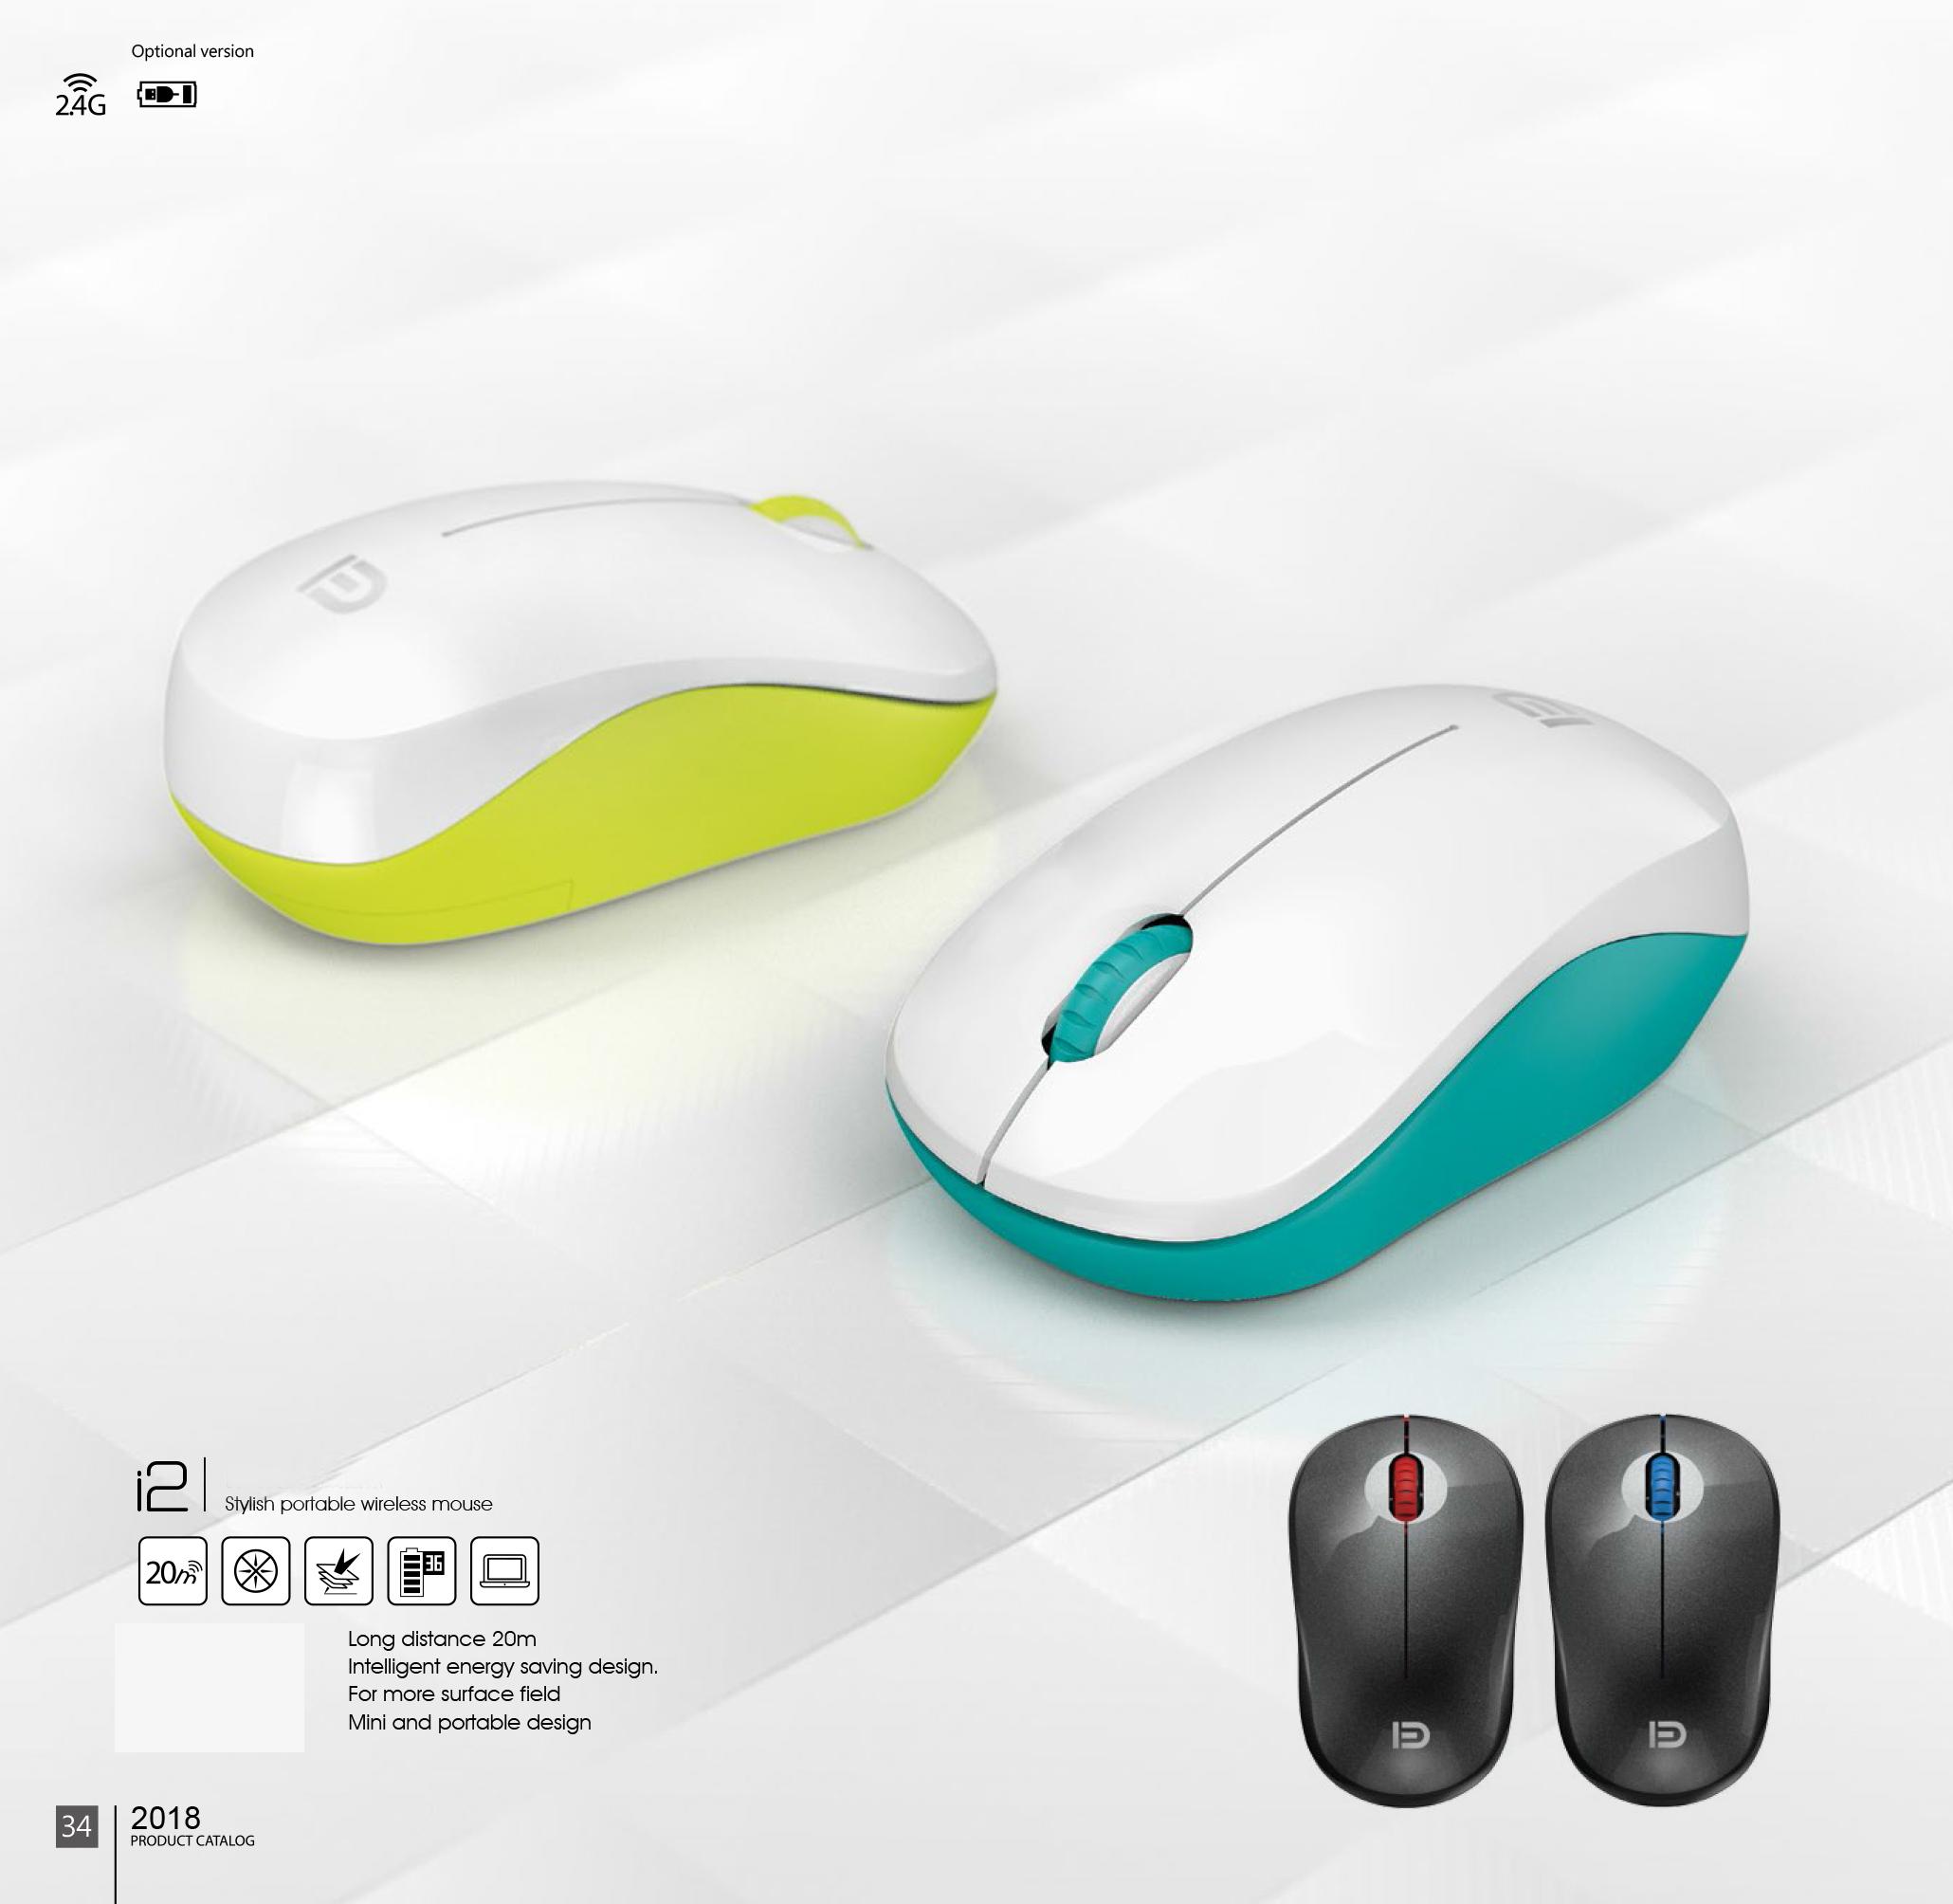 Chuột không dây Wireless FD i2 thiết kế nhỏ gọn, tiện dụng,... | Tiki.vn